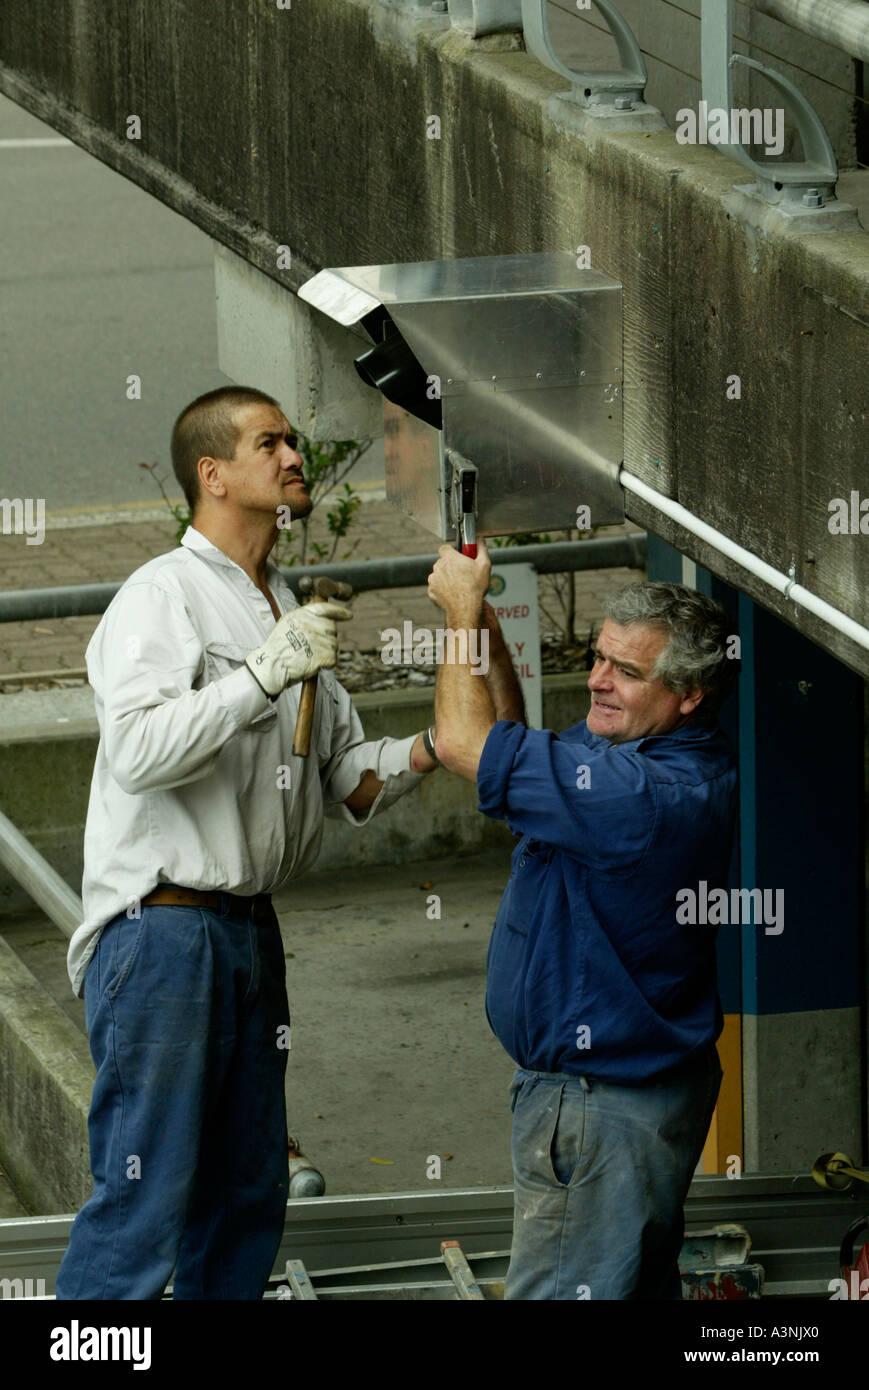 Arbeiter installieren Überwachungskamera Stockfoto